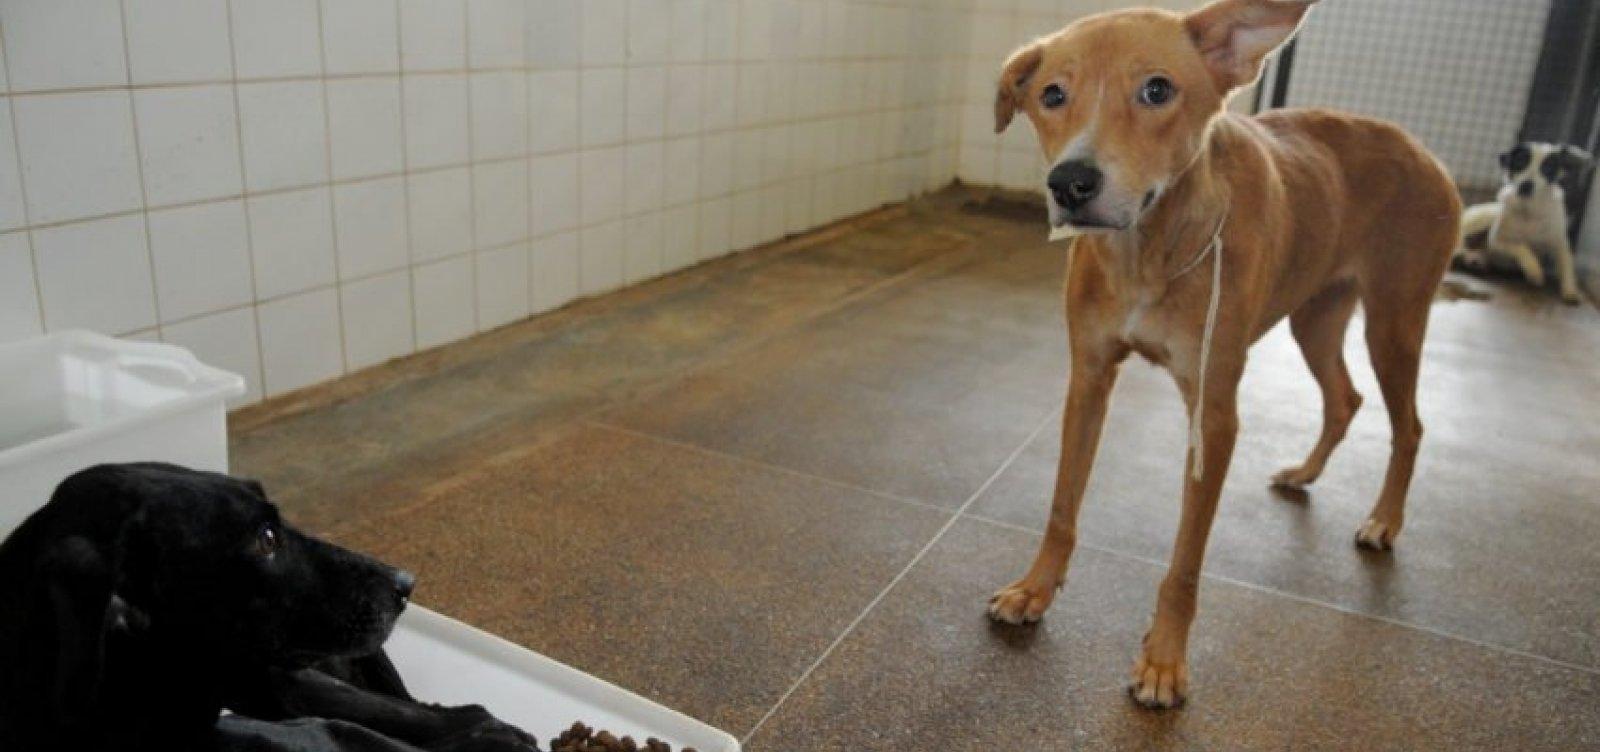 Holanda se consagra como primeiro país a não ter cachorros abandonados nas ruas